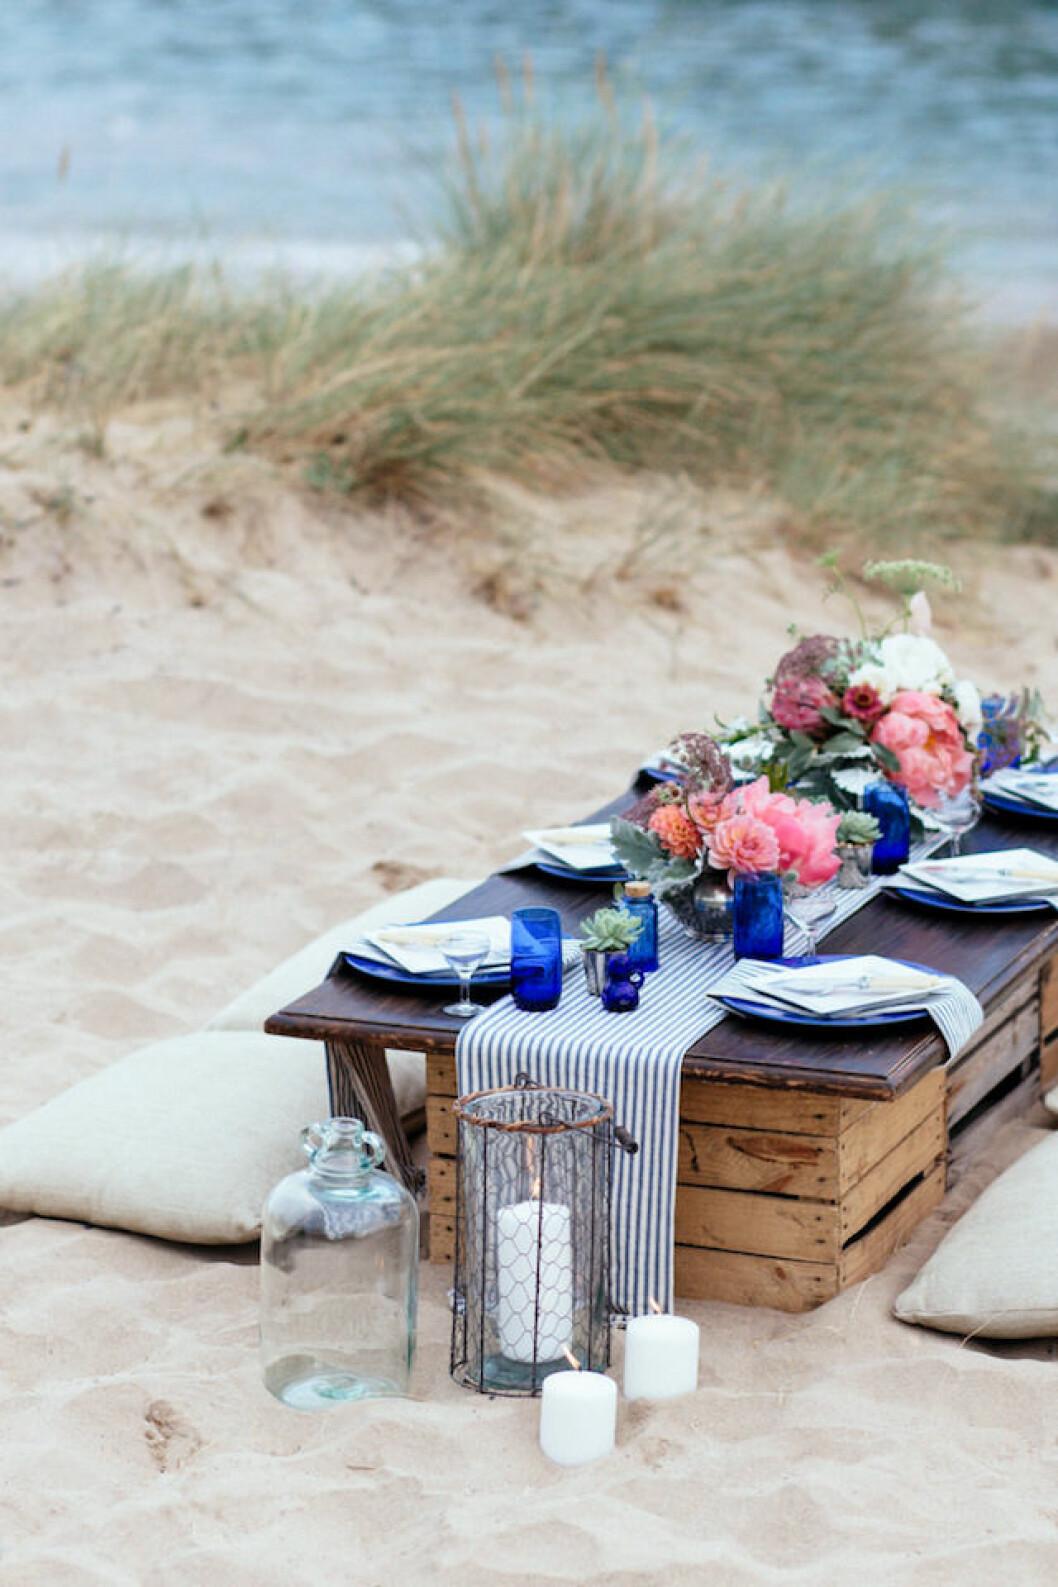 enkel dukning på stranden av äppellådor och sittdynor